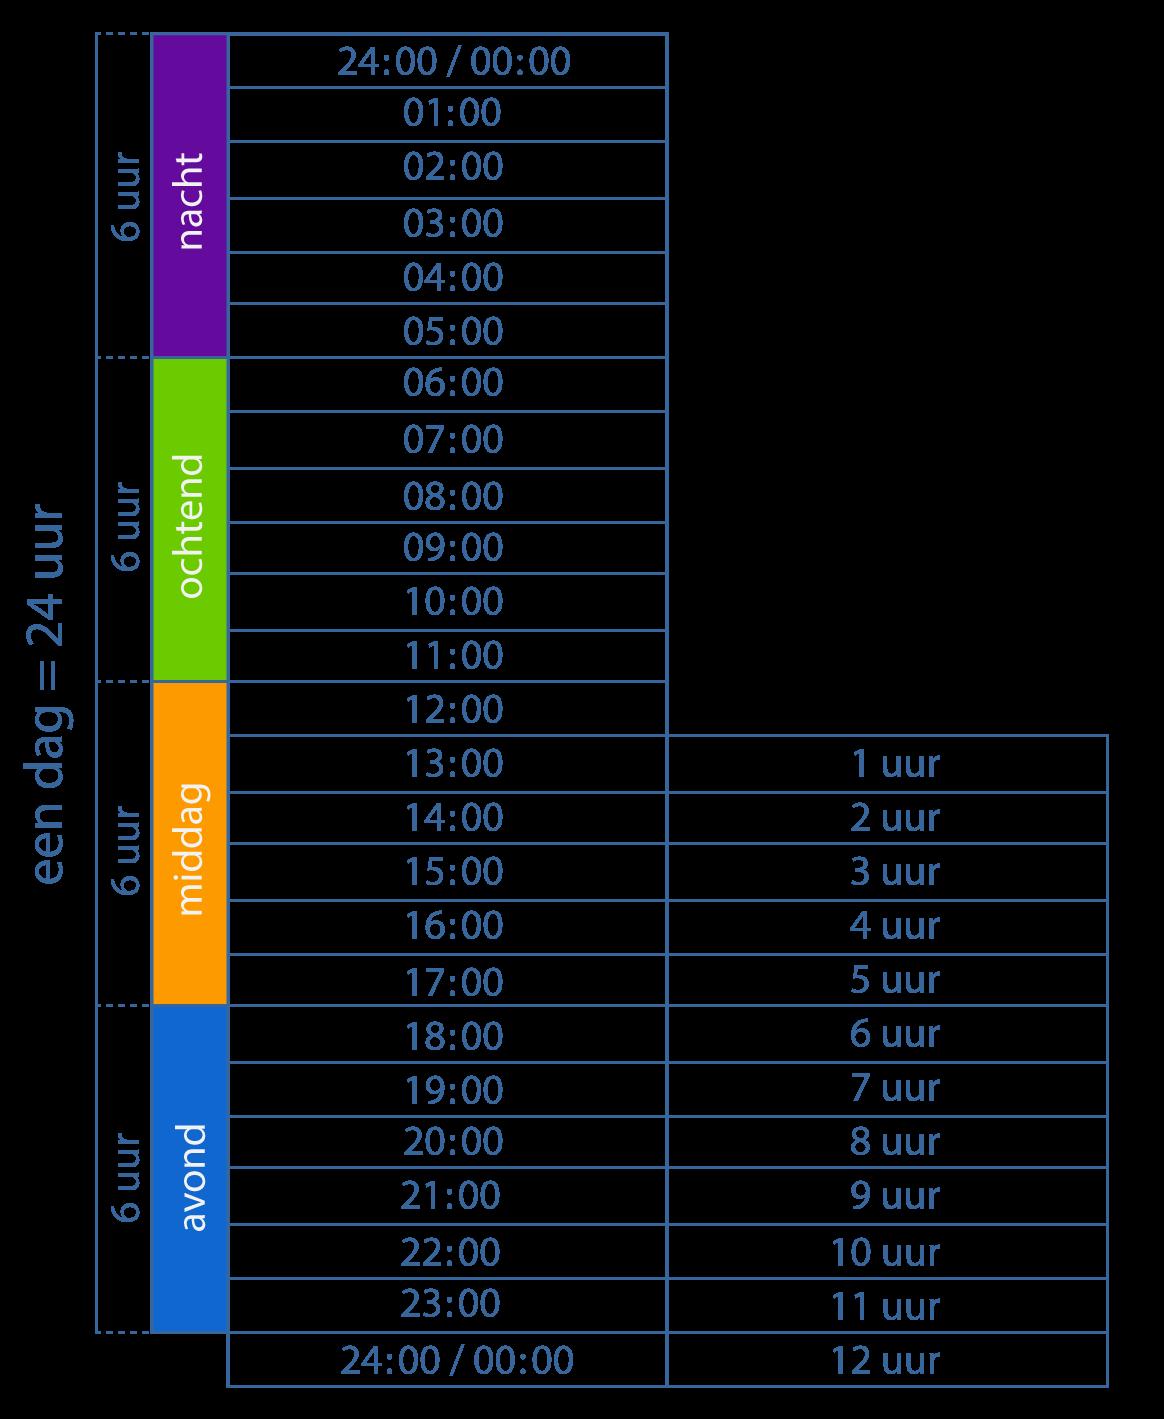 Hoe laat is het op de digitale klok? Welke digitale klok hoort bij de analoge klok?